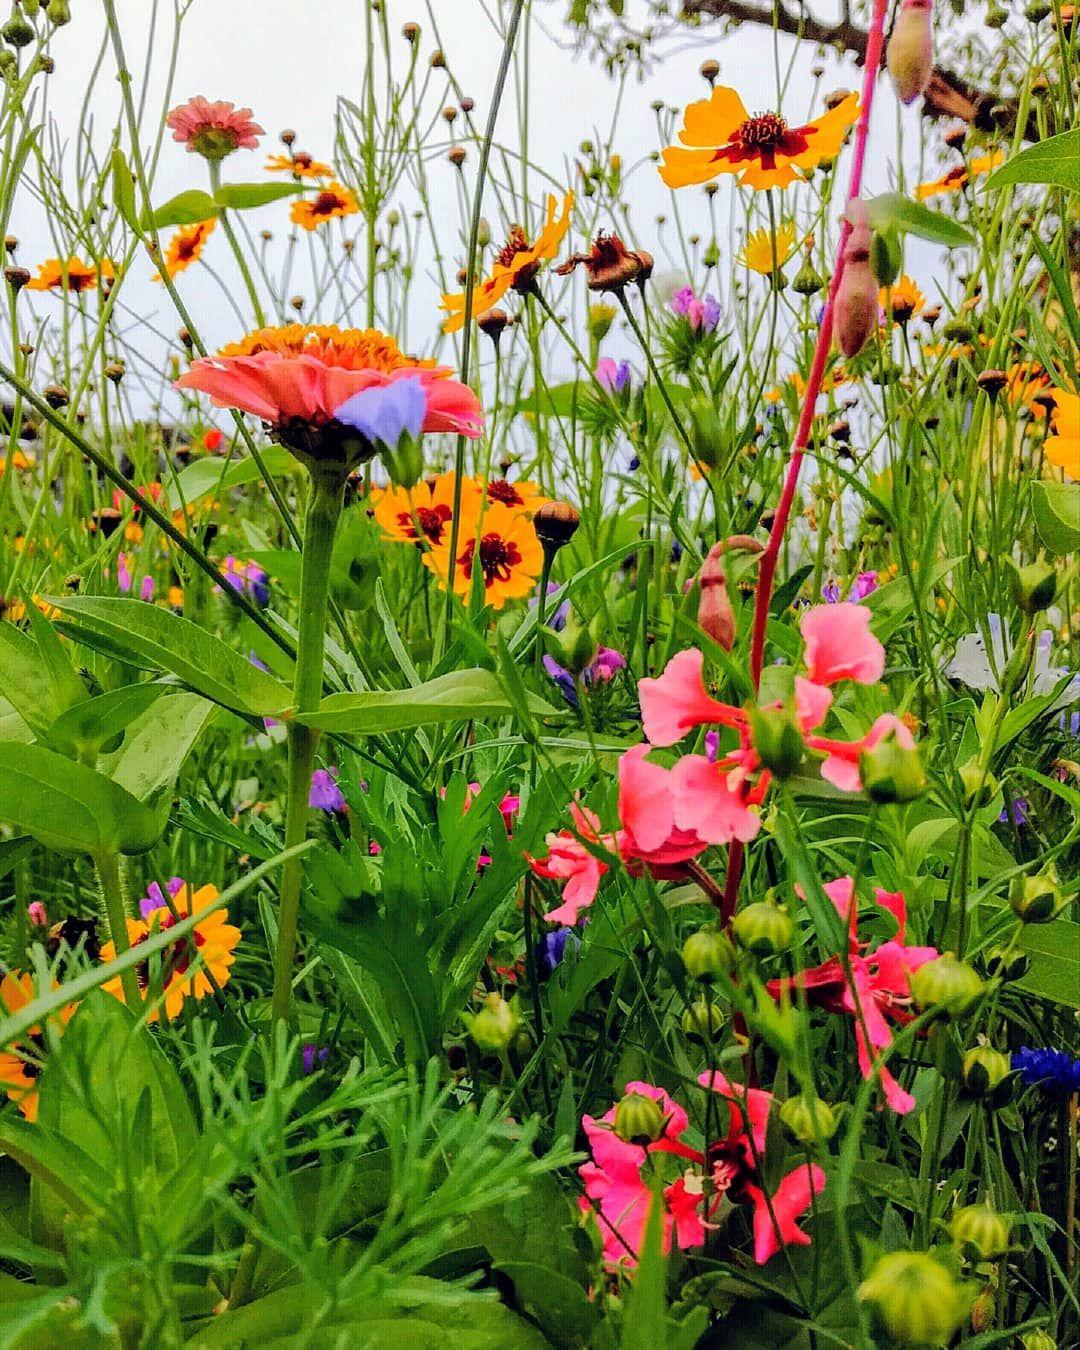 Pin Von Lena Broking Auf Garten Wildblumenwiese Blumen Wiese Wildblumen Wiese